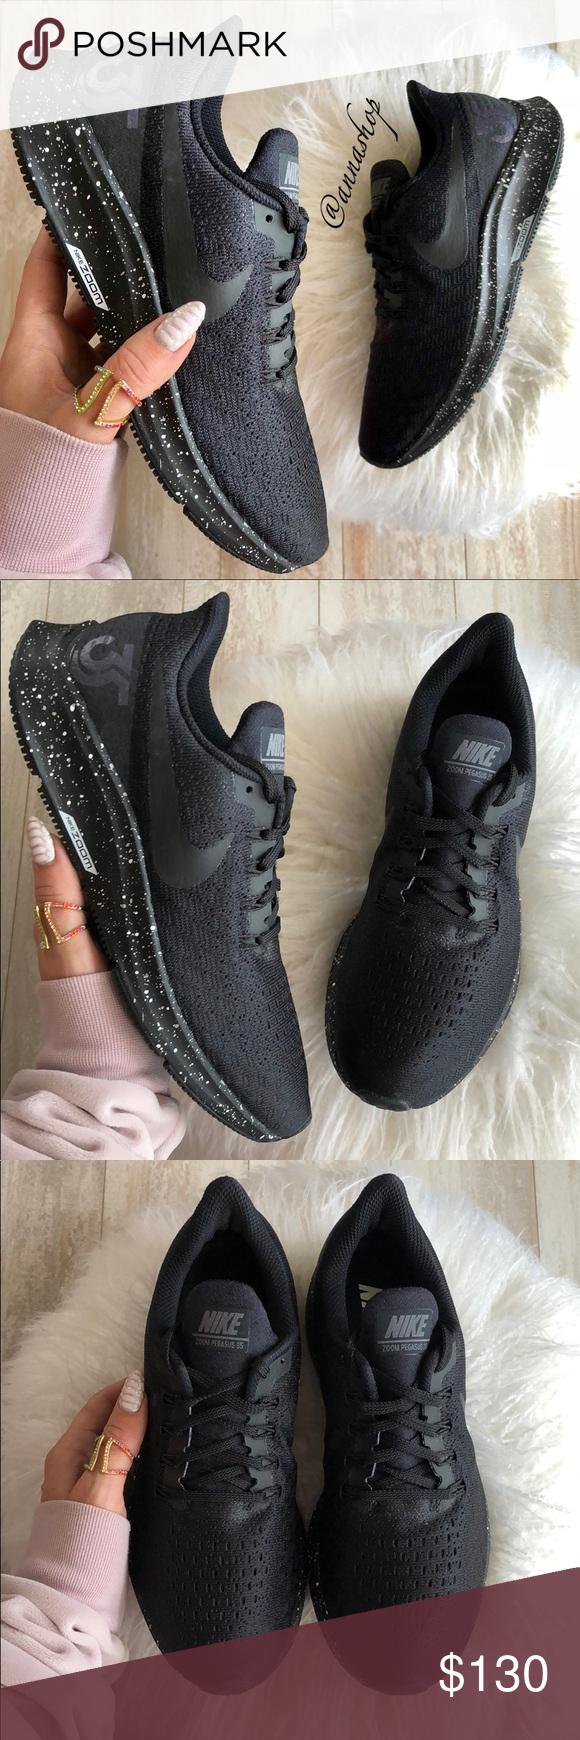 29a14aeeff55 NWT Nike ID Zoom Pegasus 35 Triple Black Brand new no box. Price is firm